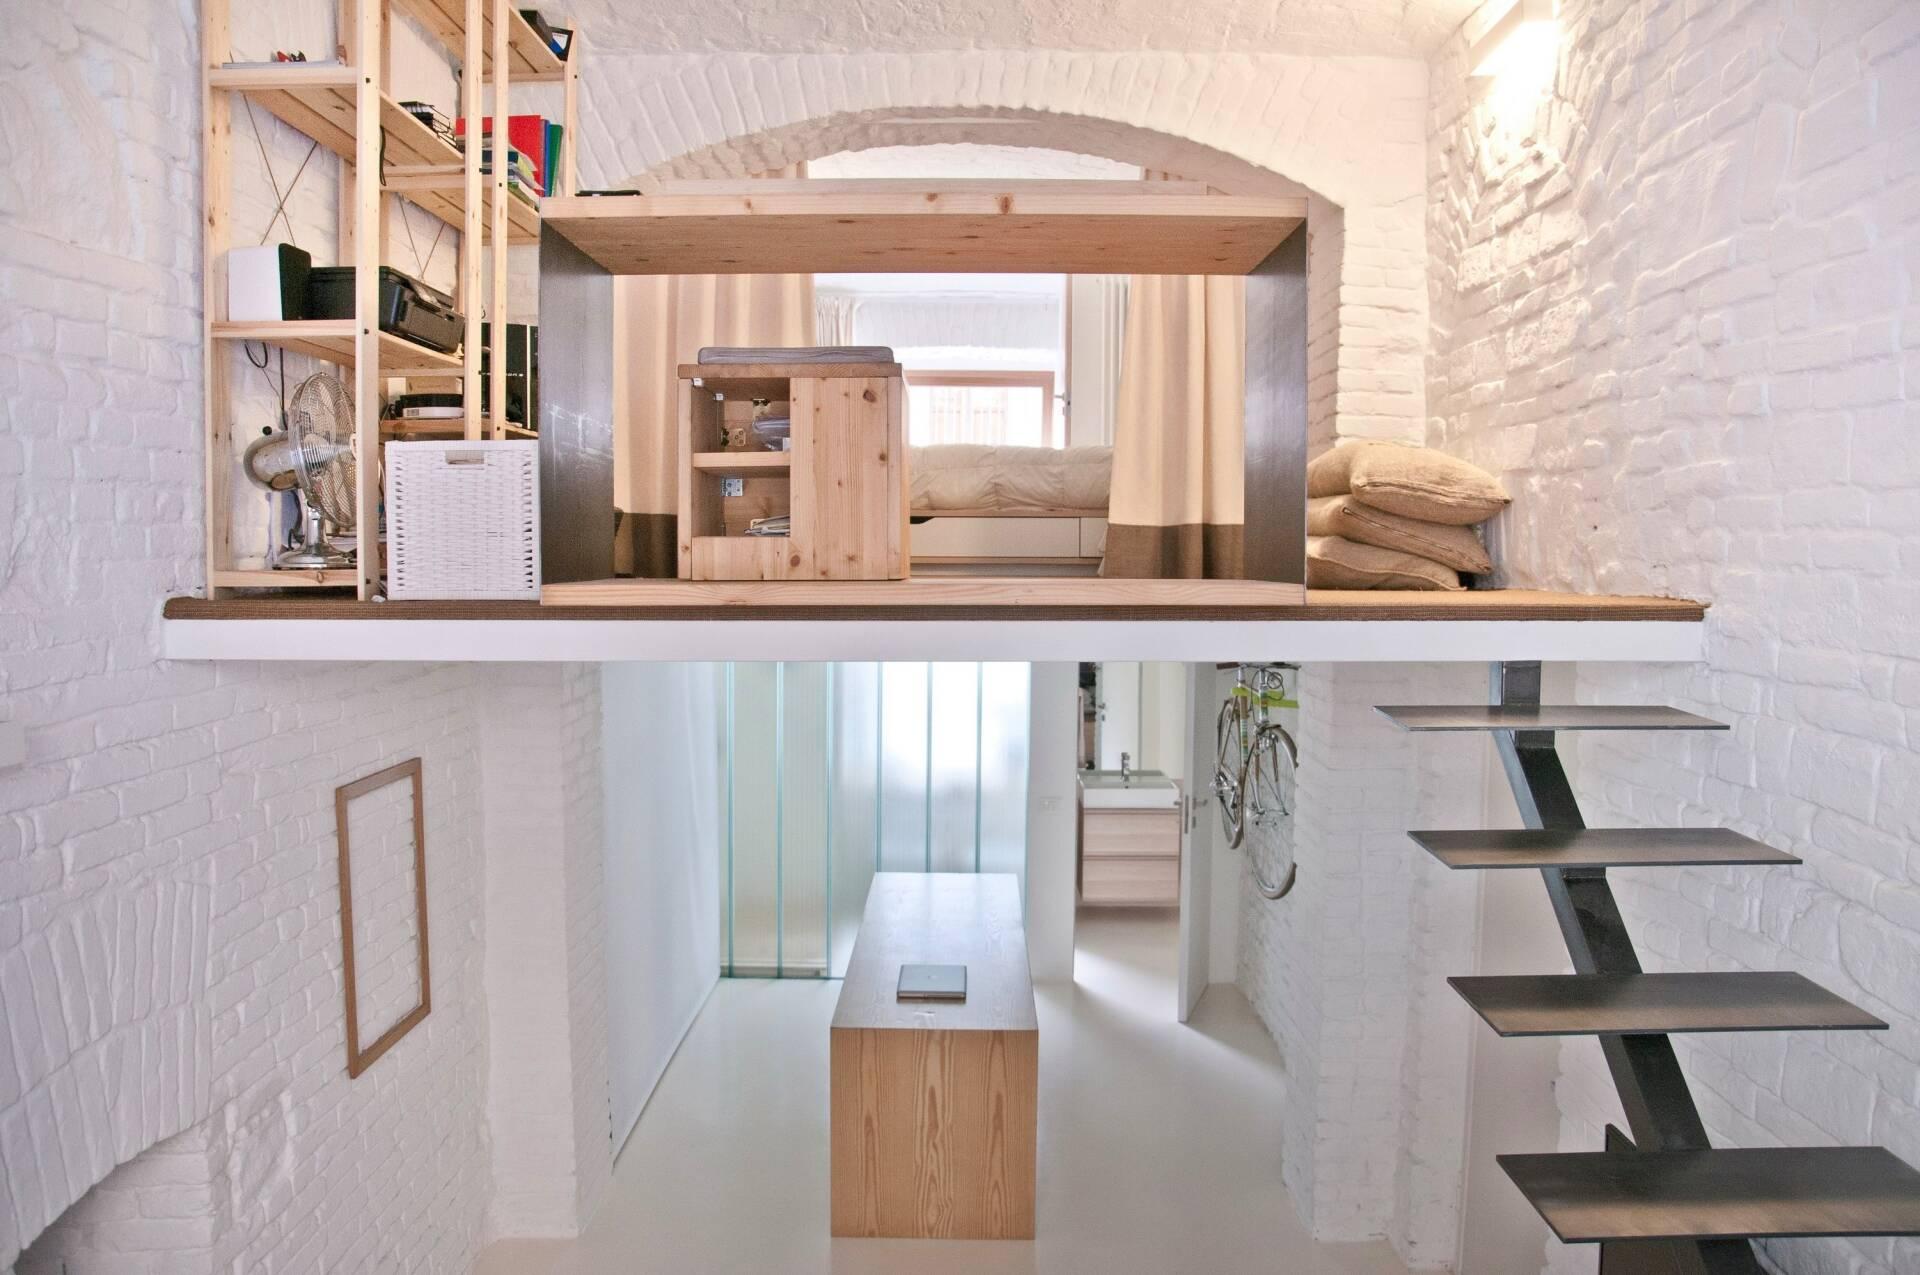 thiết kế nội thất nhà ống 5m